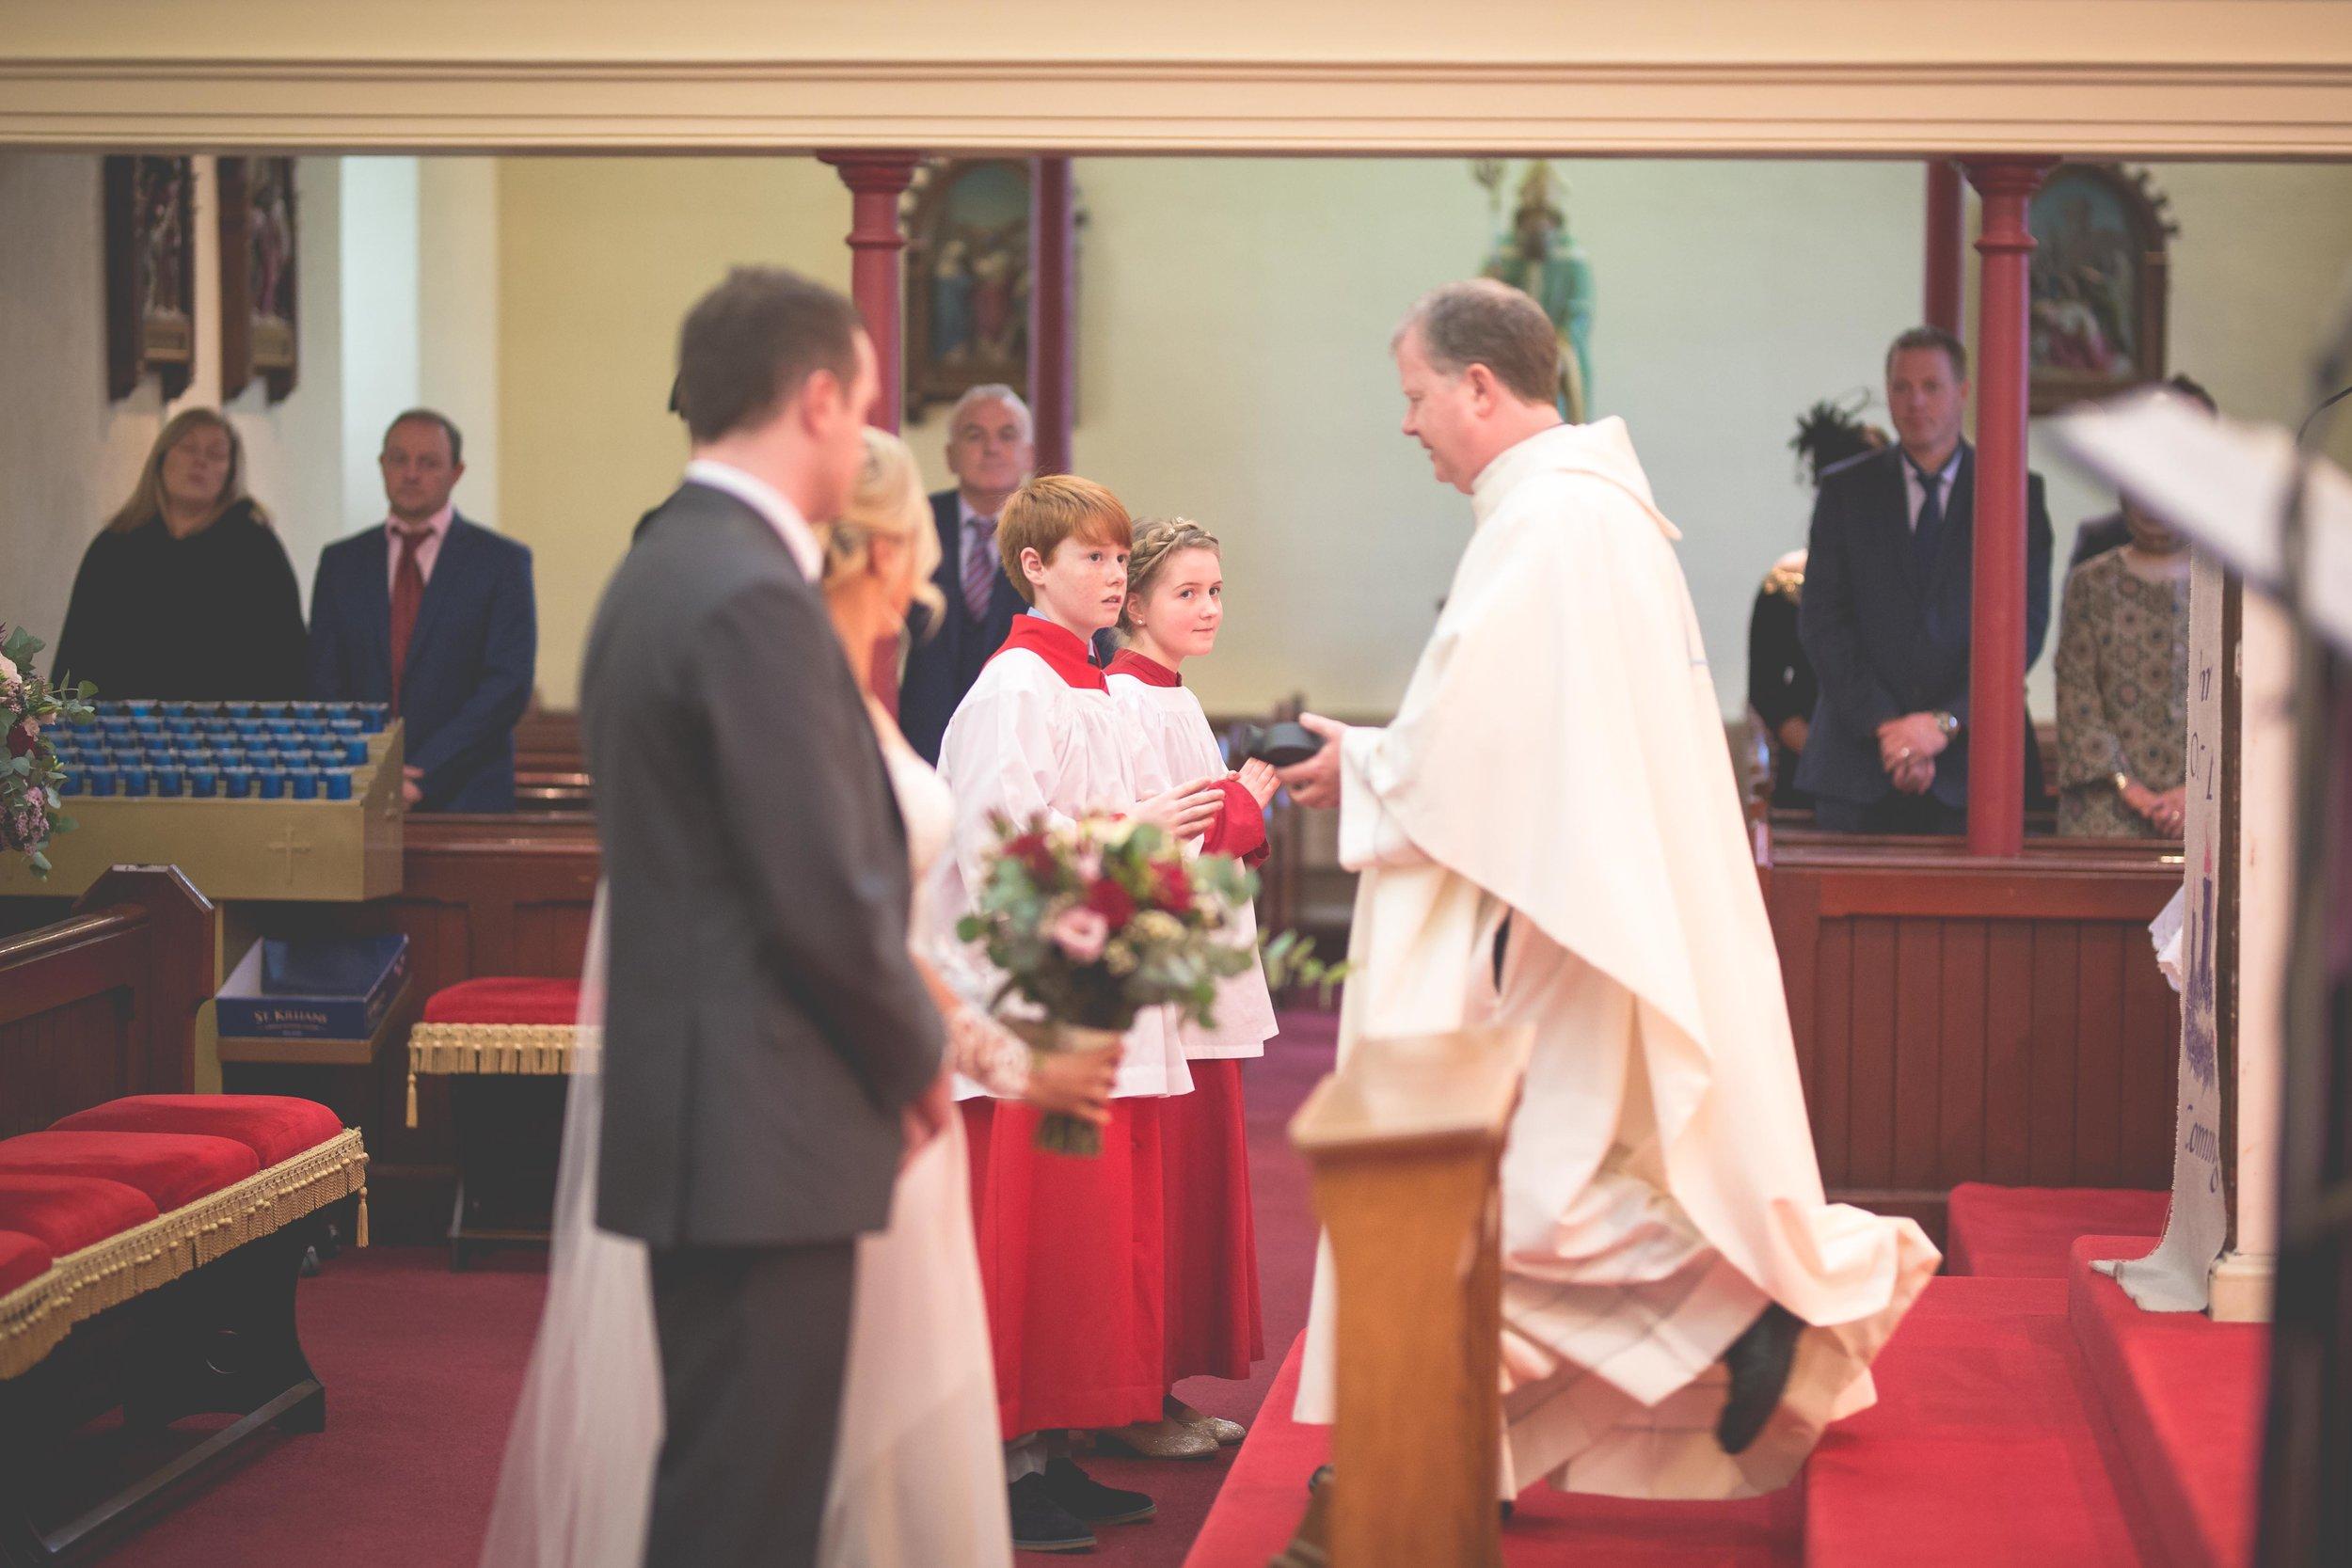 MaryJo_Conor_Mageean_Ceremony-101.jpg